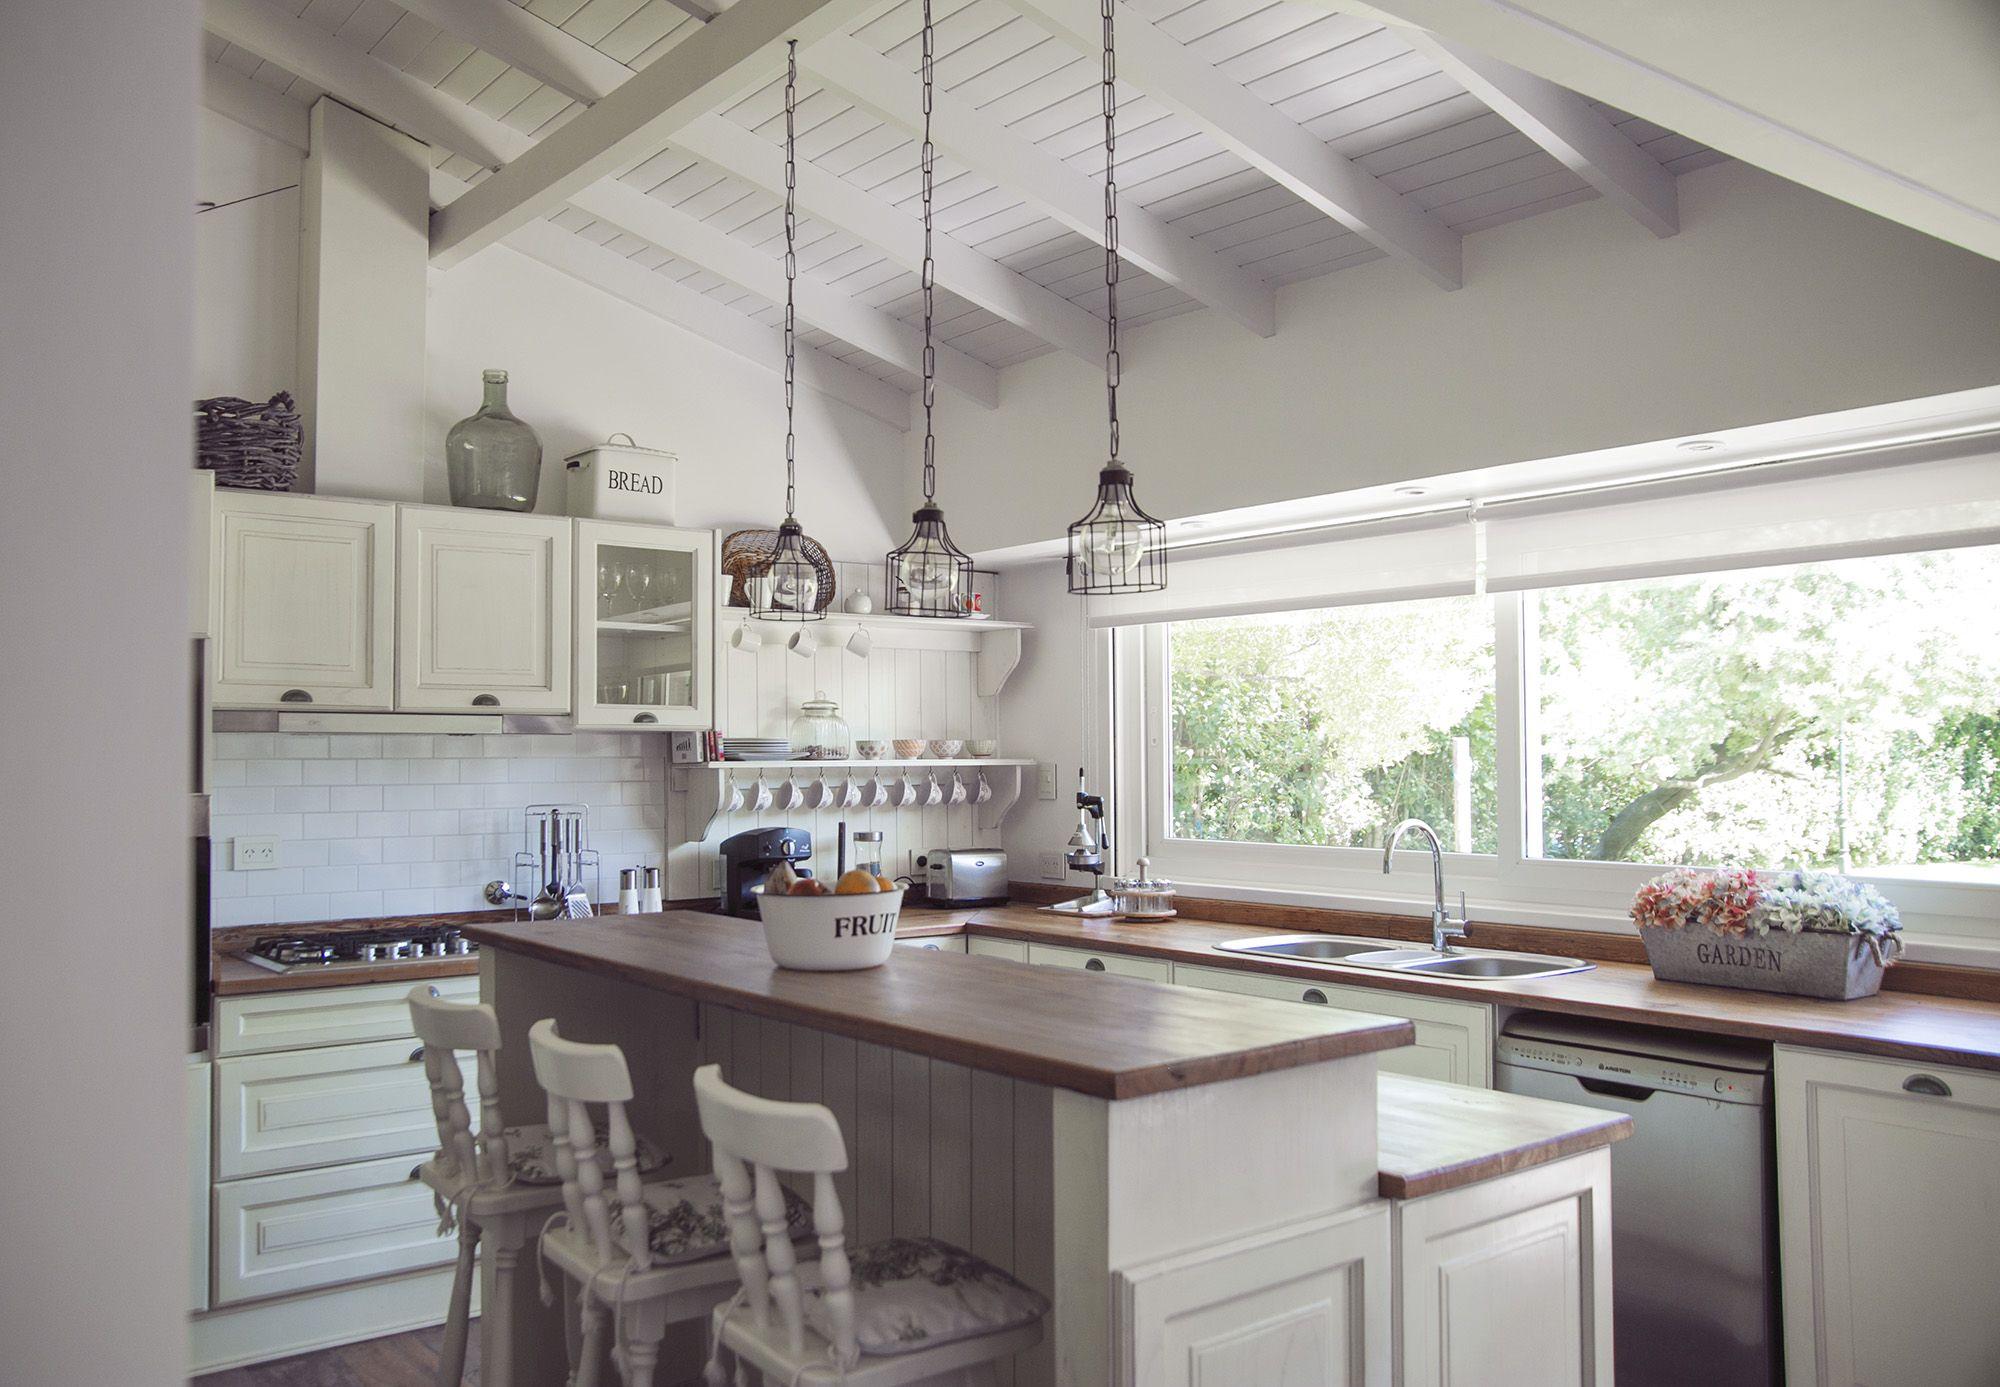 Una cocina con aire de campo • Está compuesta por muebles en madera ...